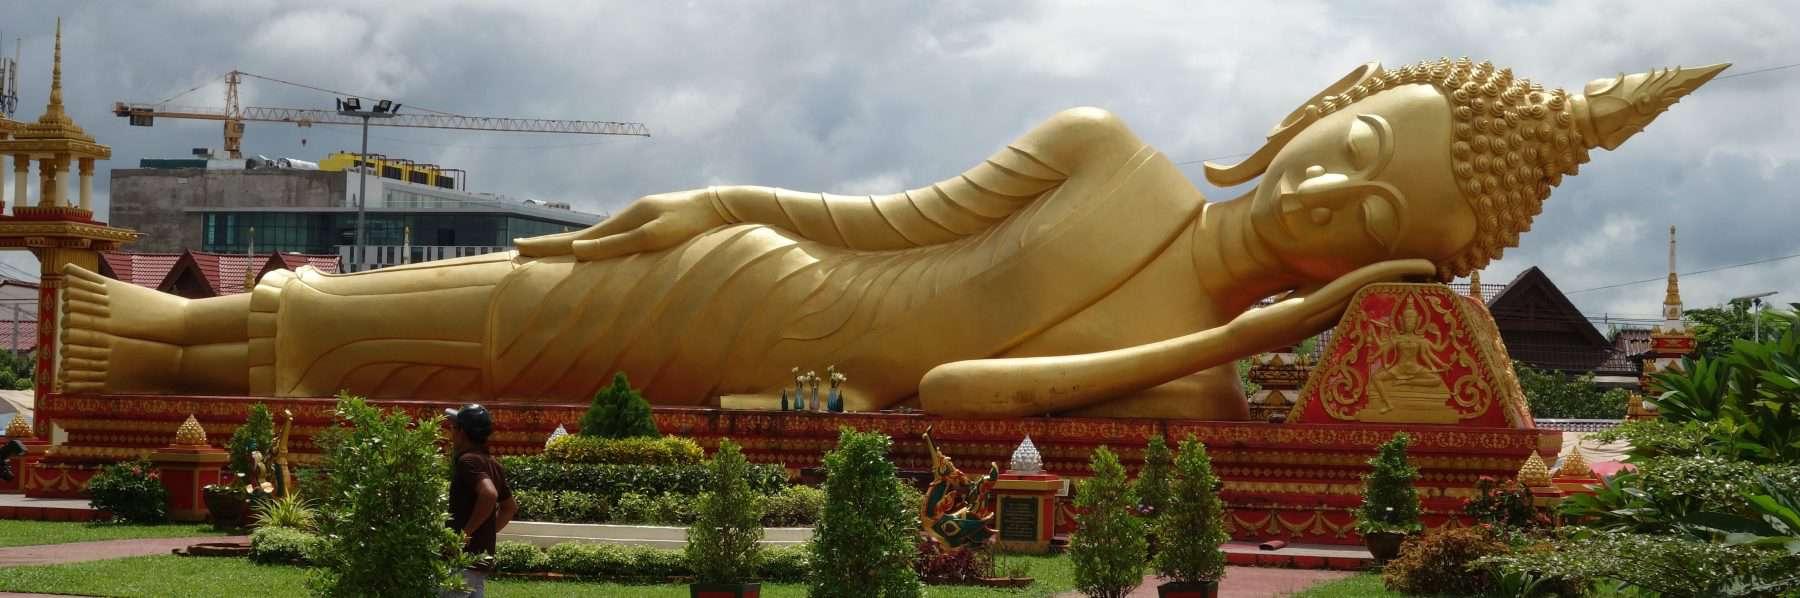 Pha That Luang, Vientiane, Laos